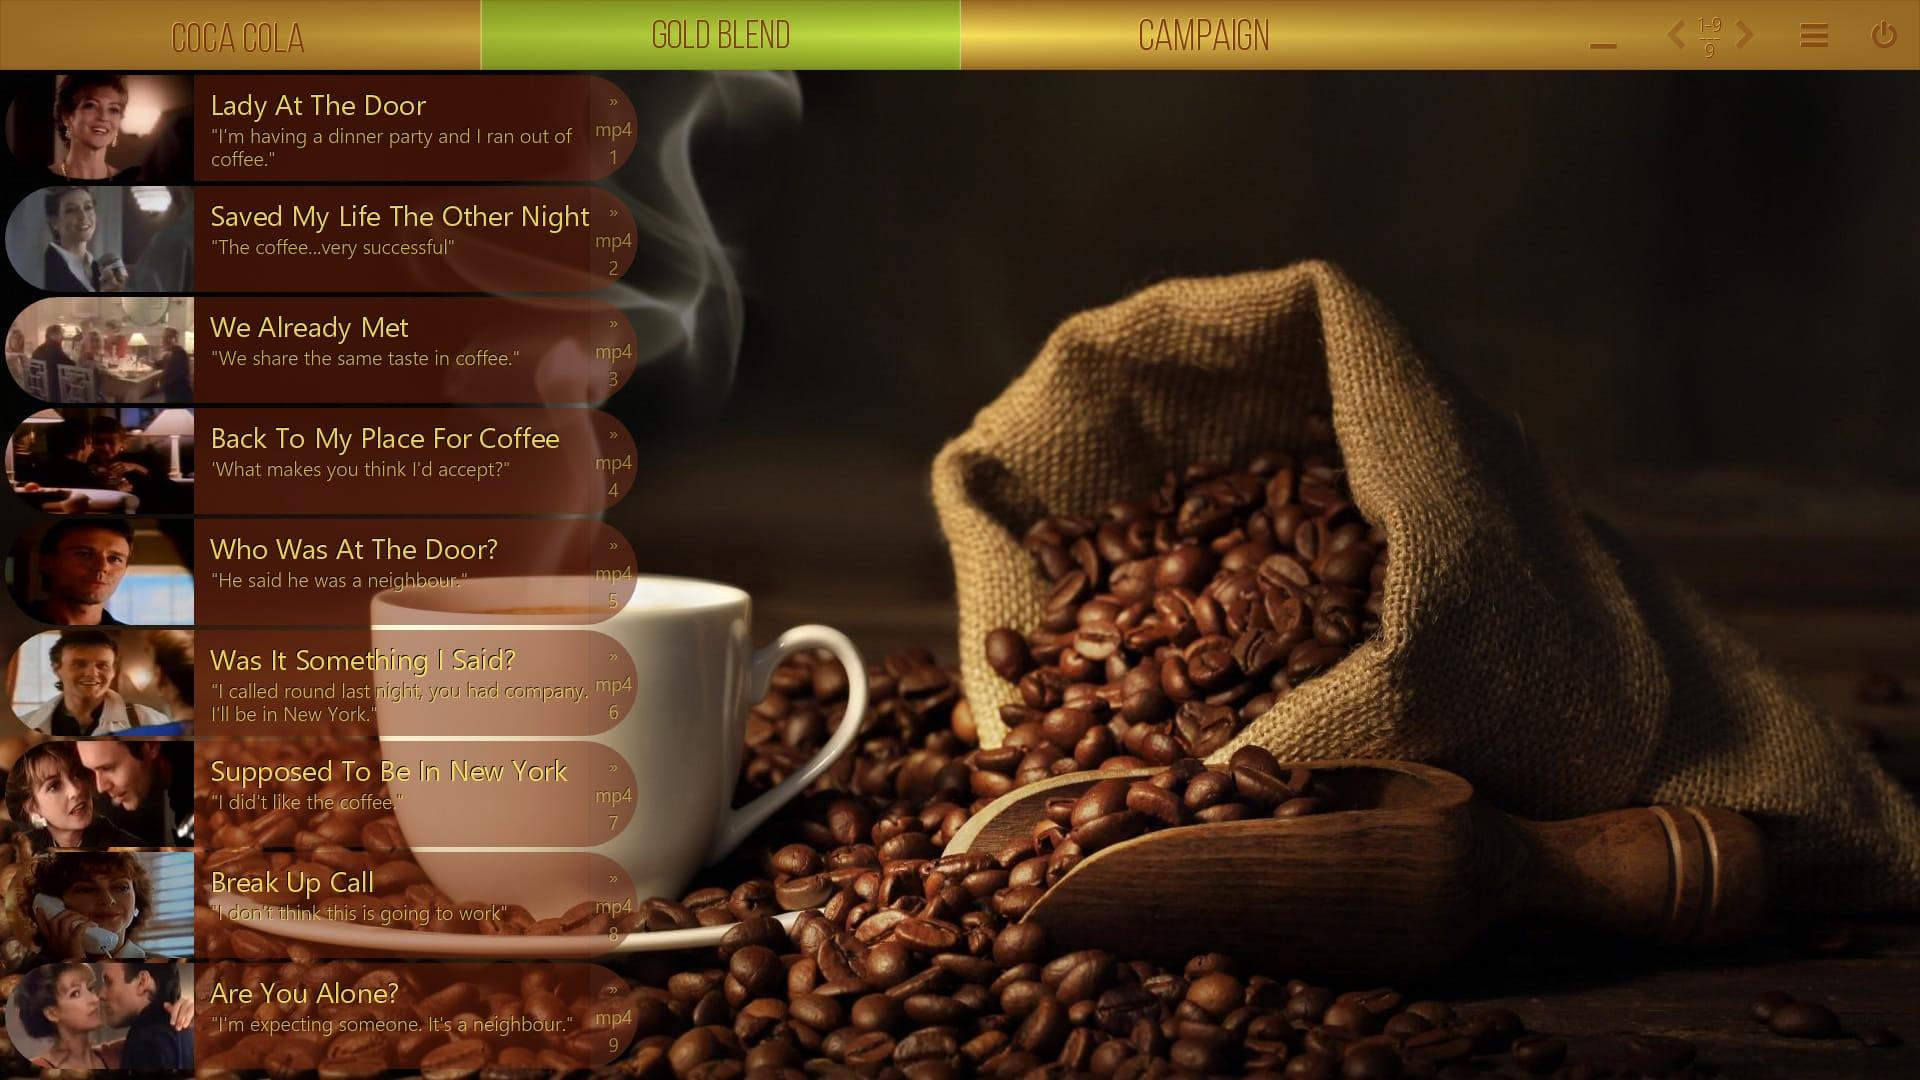 Mediaboard Content Package - Campaigns - Nescafé Gold Blend